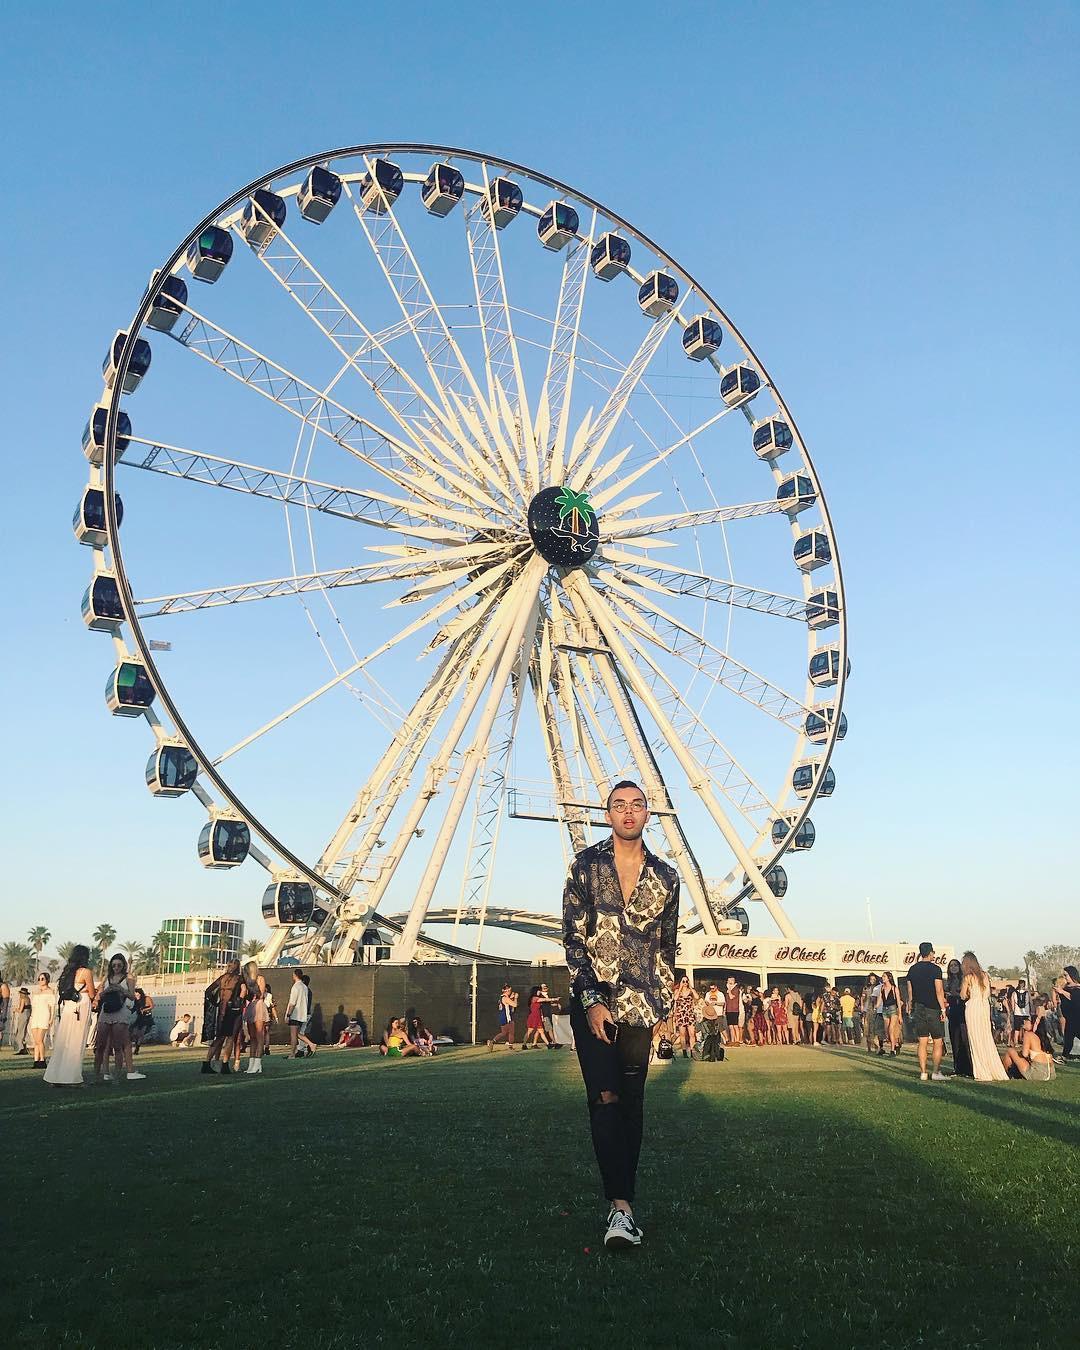 Trai xinh gái đẹp toàn thế giới hội tụ, Coachella - lễ hội âm nhạc lớn nhất hành tinh chính thức khai màn - Ảnh 13.